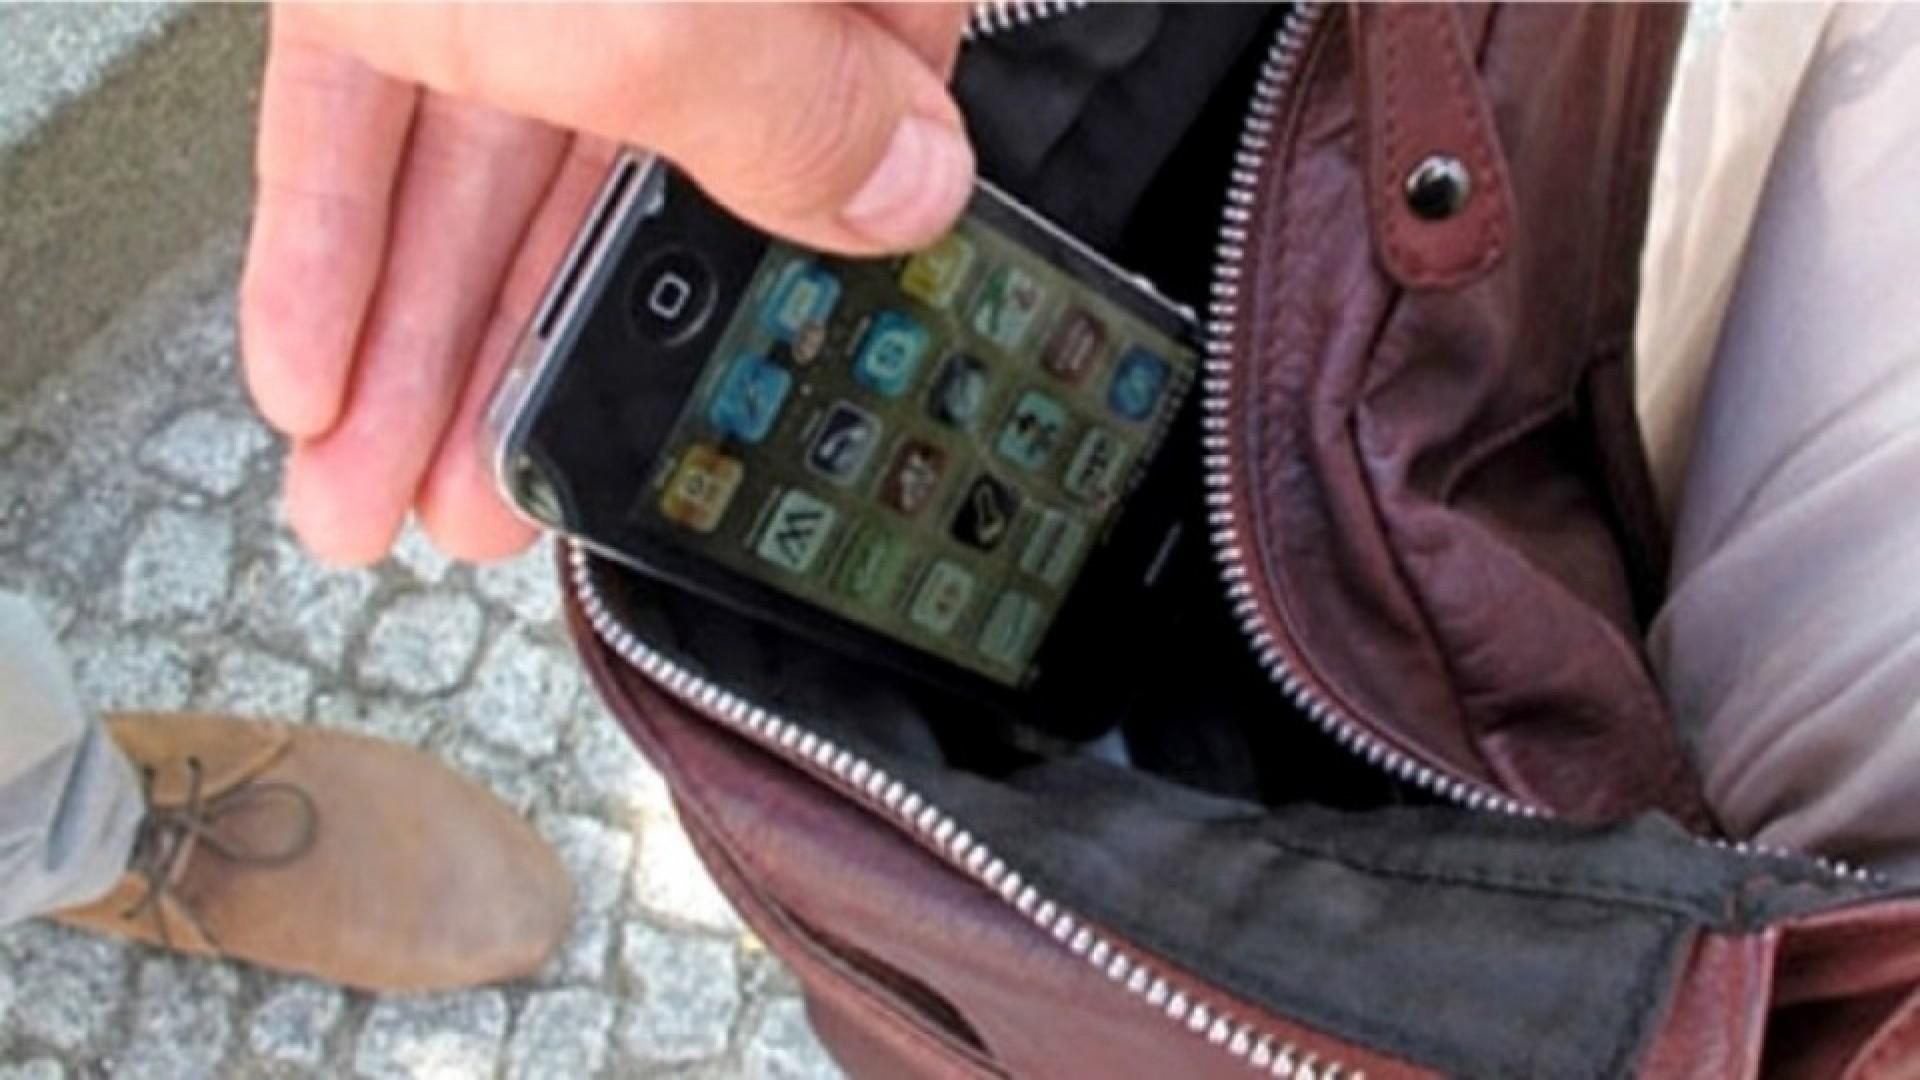 Alertan que hay 7200 robos de teléfonos celulares por día